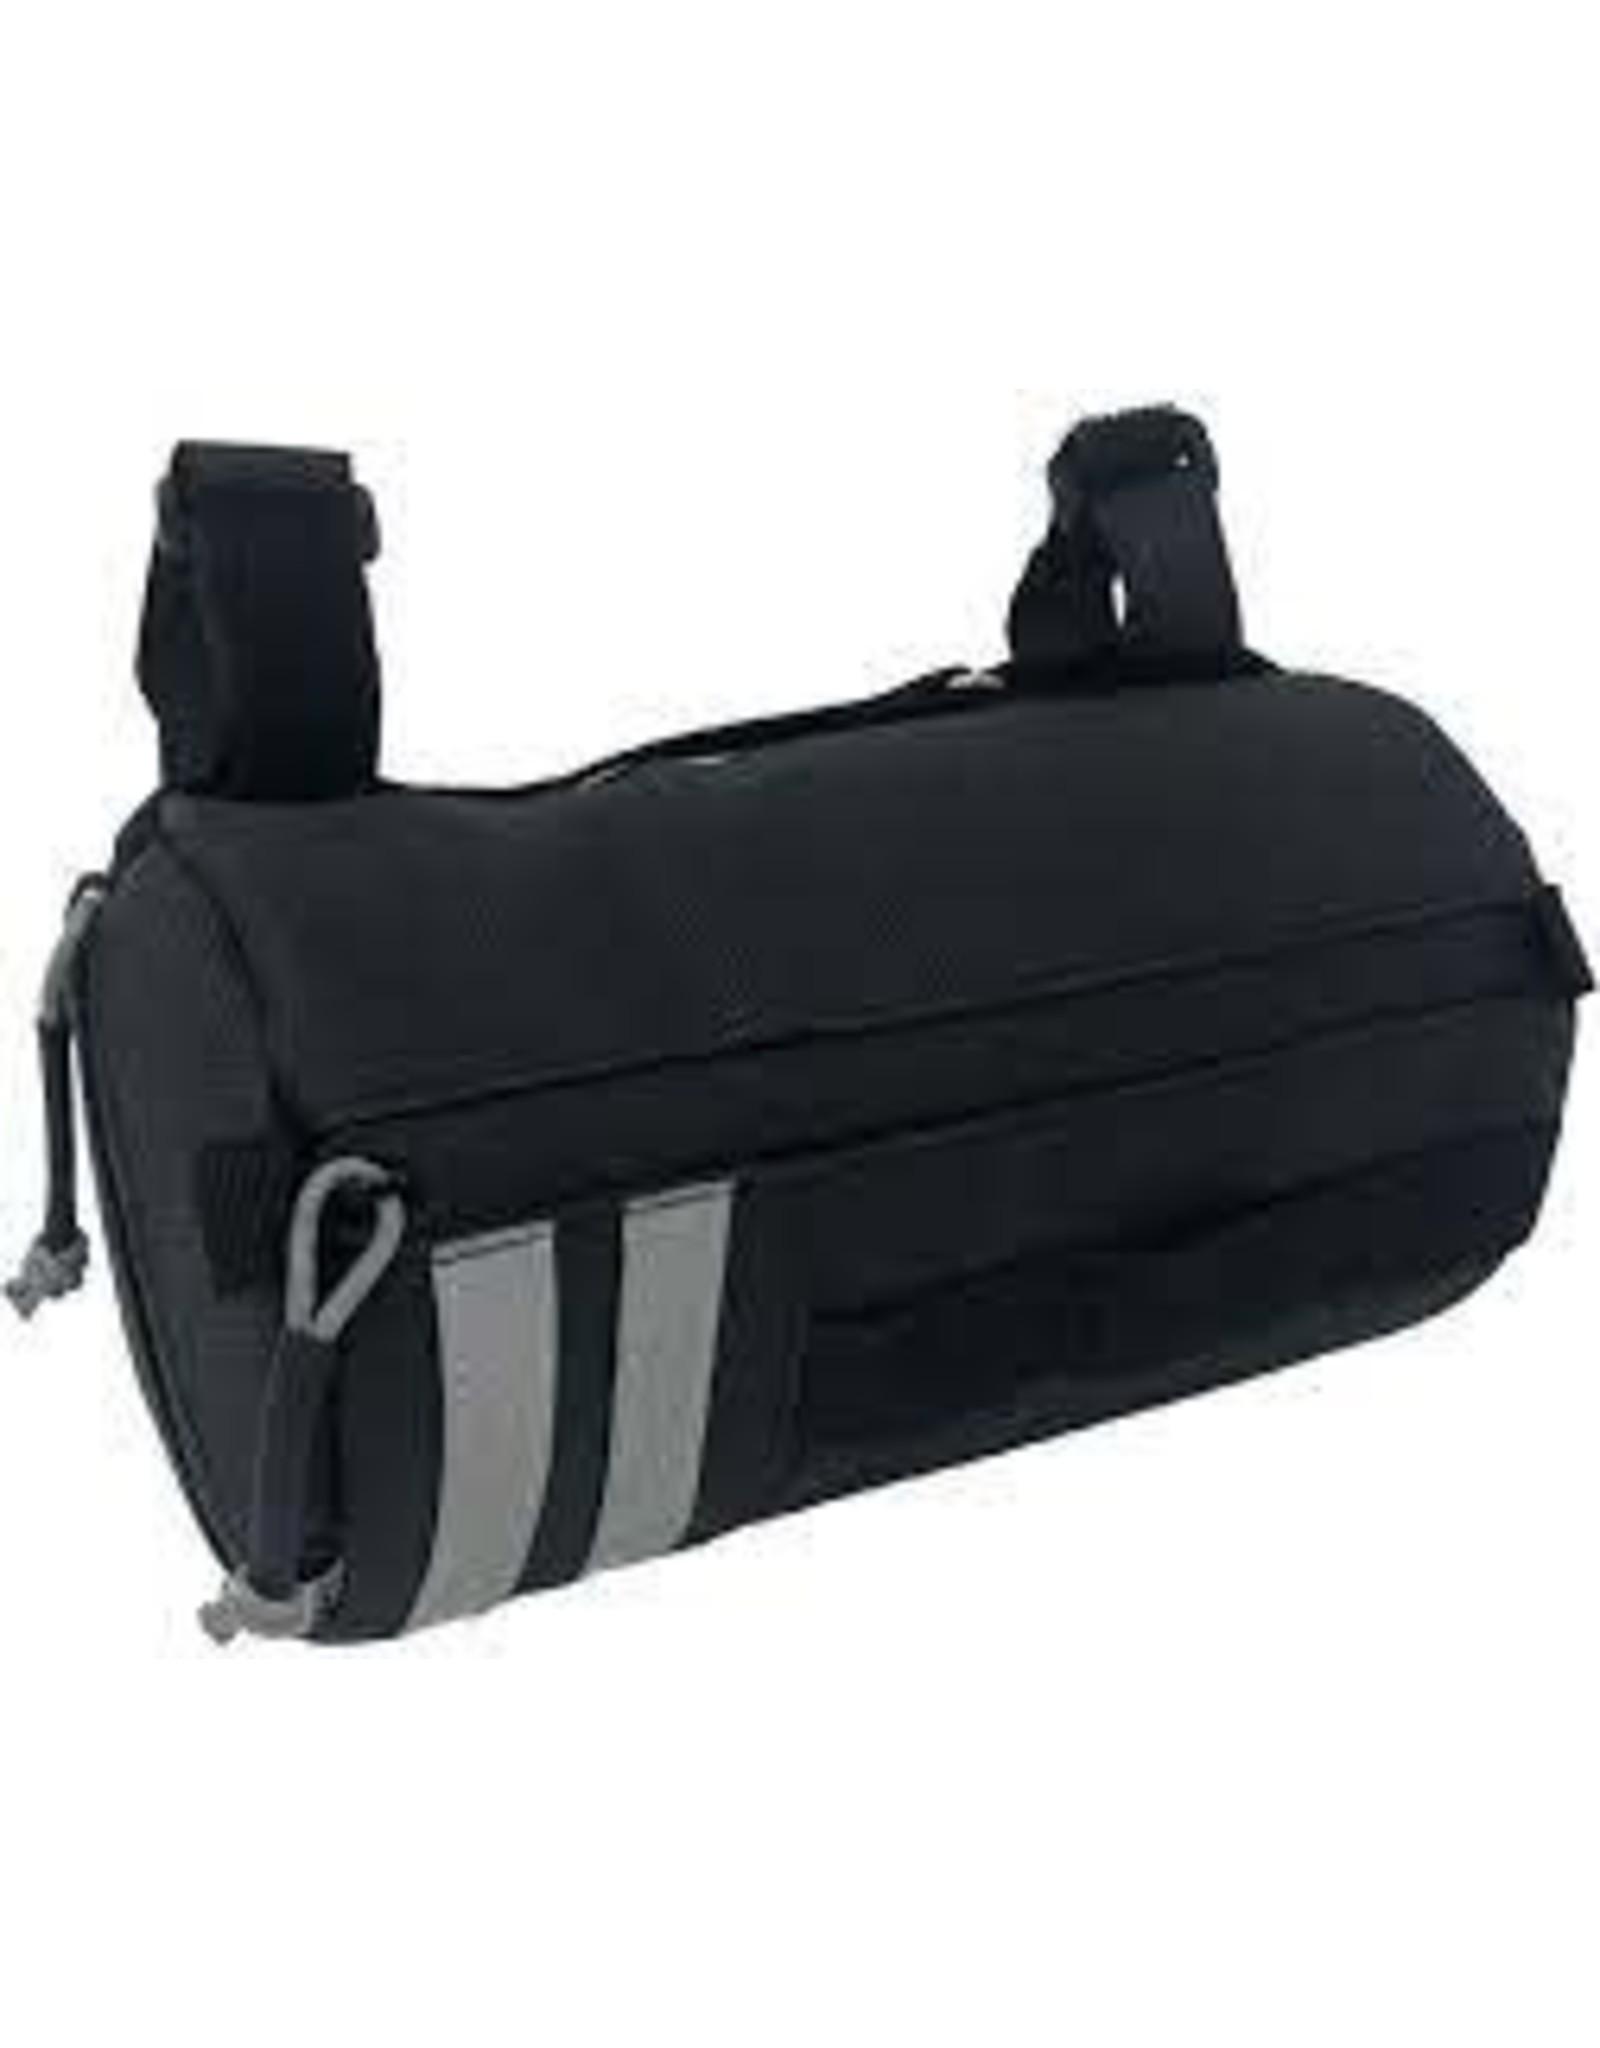 BiKASE Bag Bikase TD Handlebar & Seat Bag Black